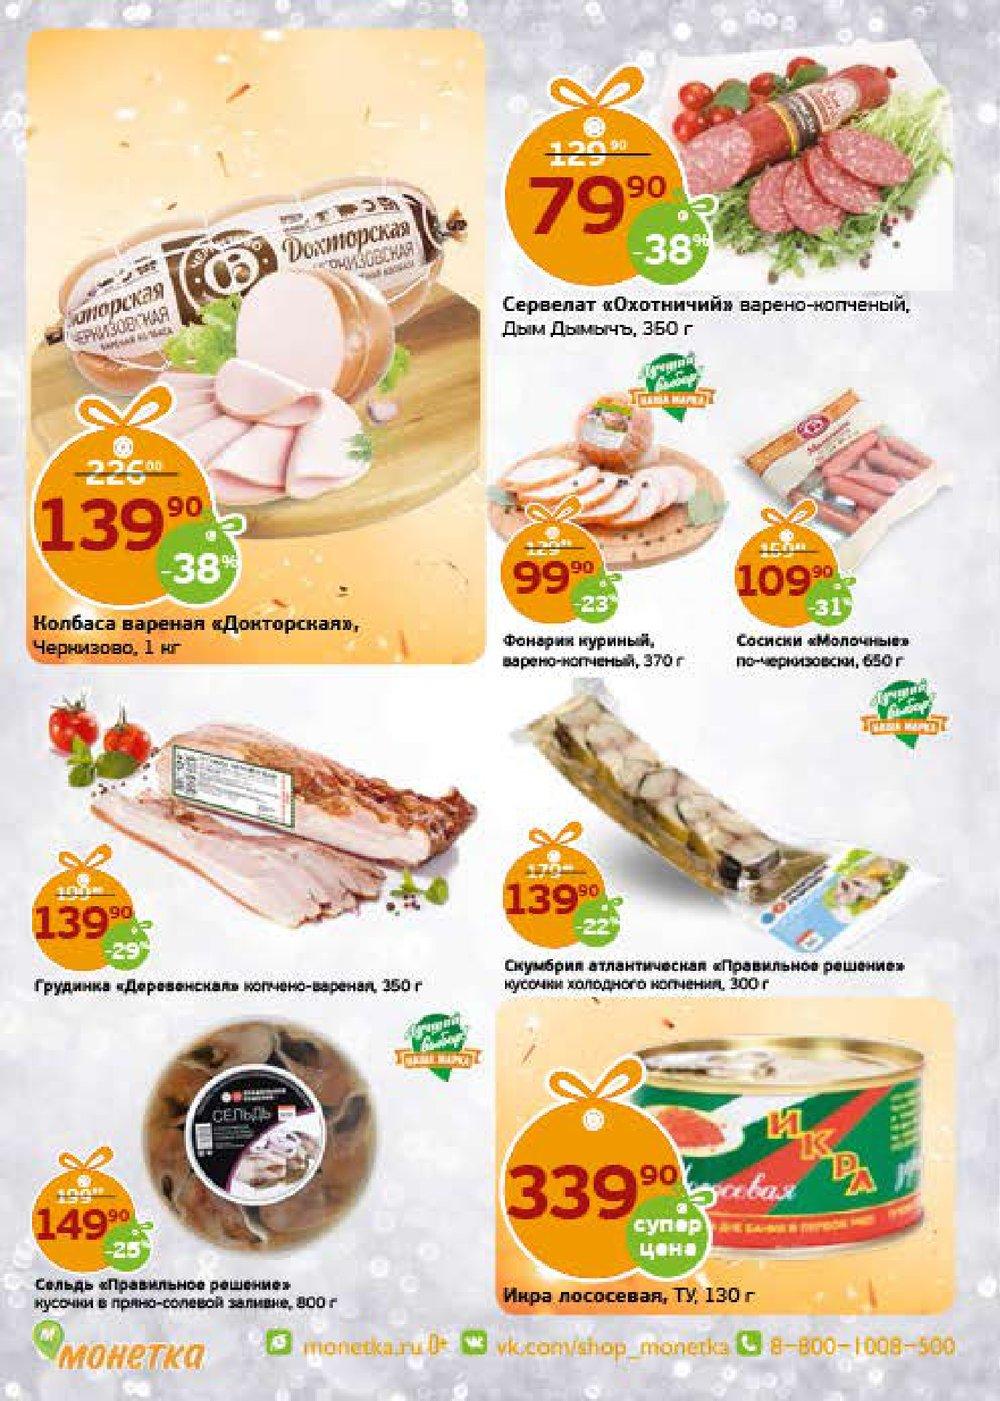 Каталог акций Монетка с 11 по 17 декабря 2017 - стр. 2